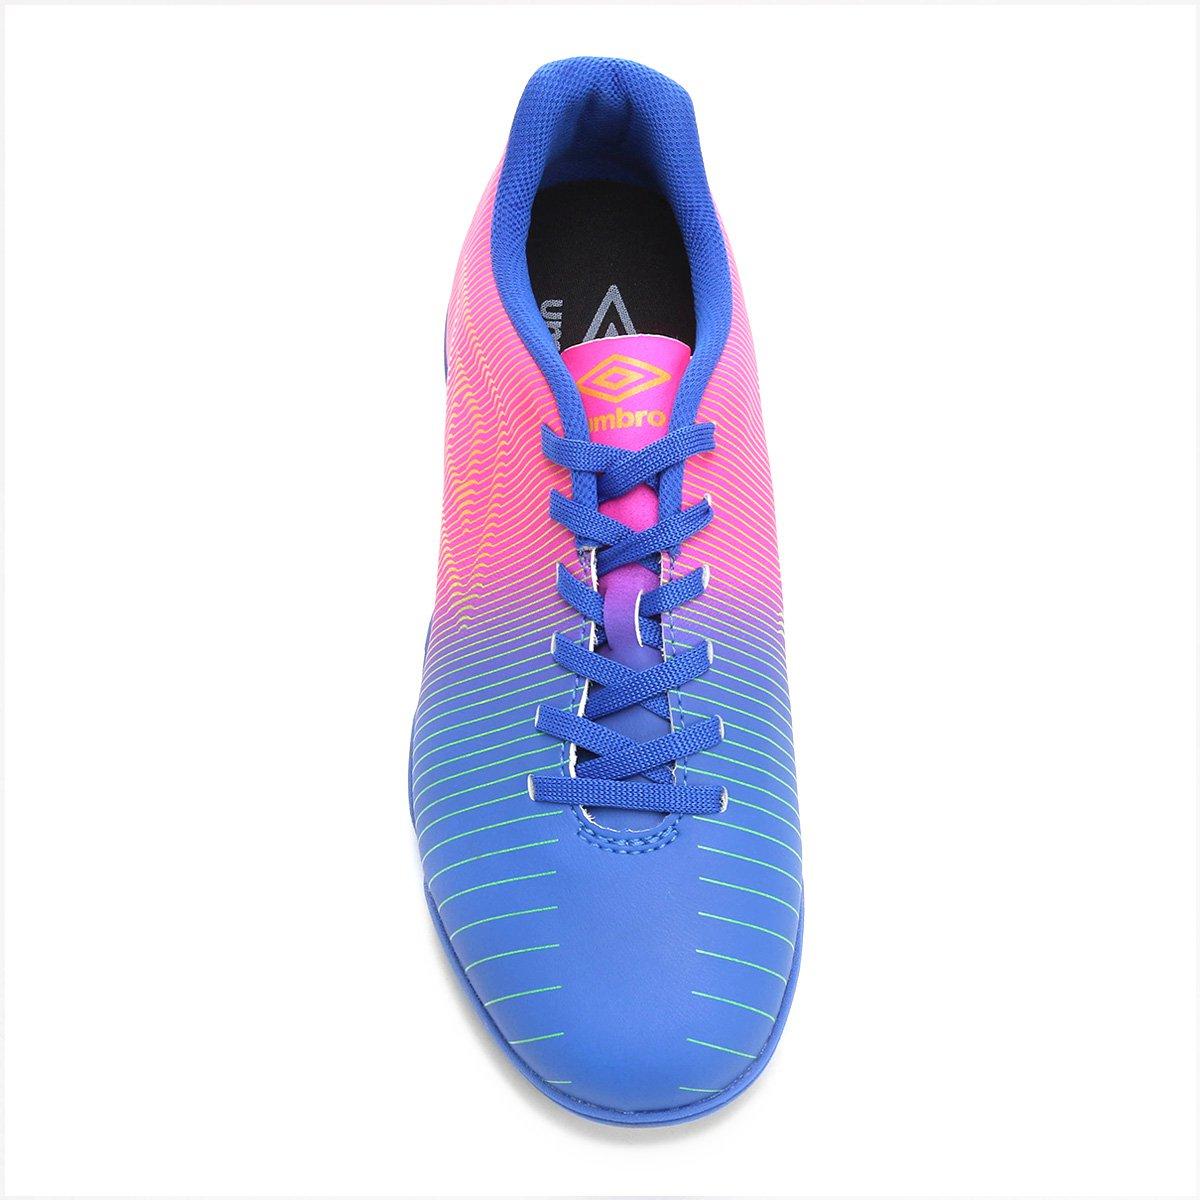 Chuteira Society Umbro Vibe Masculina - Azul e Rosa - Compre Agora ... c54e3c44b88d1